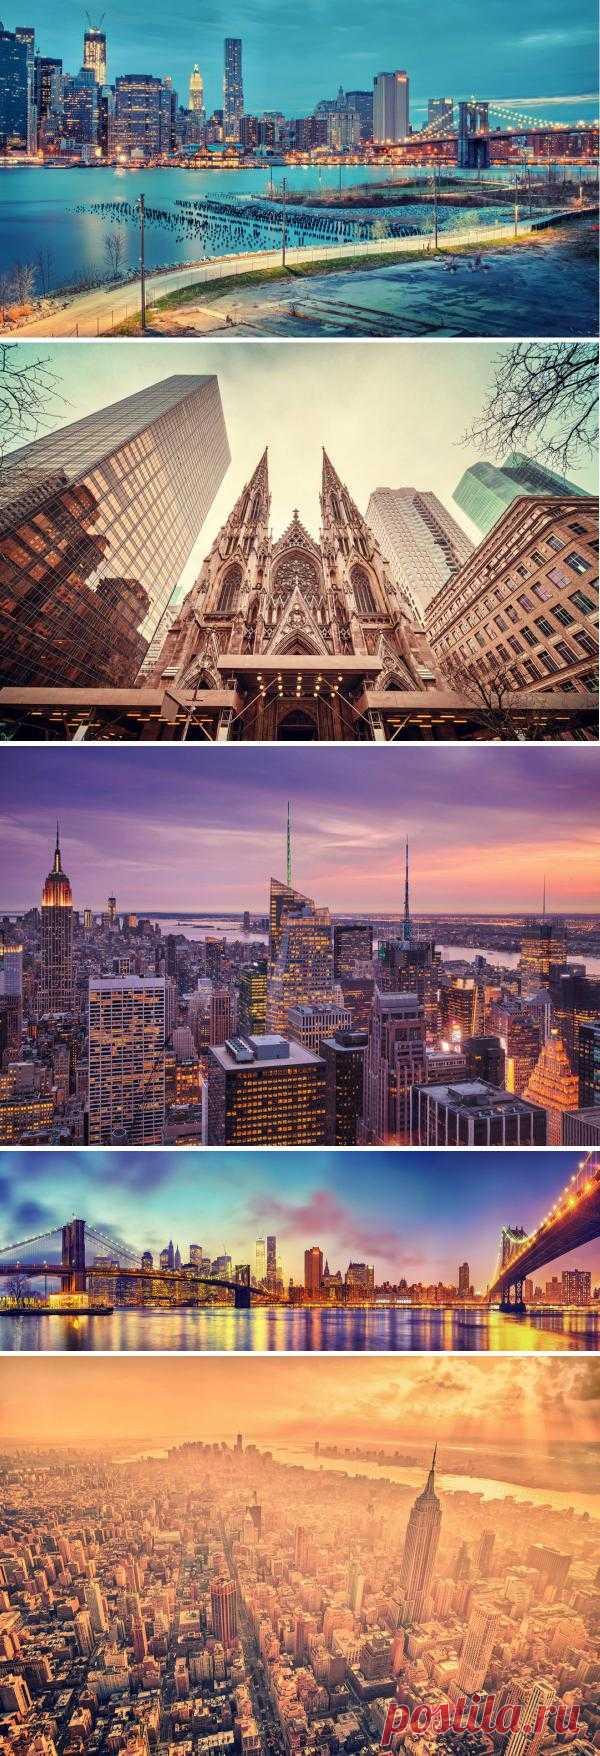 Яркий, красочный Нью-Йорк глазами немецкого фотографа  Маттиаса Хакера.